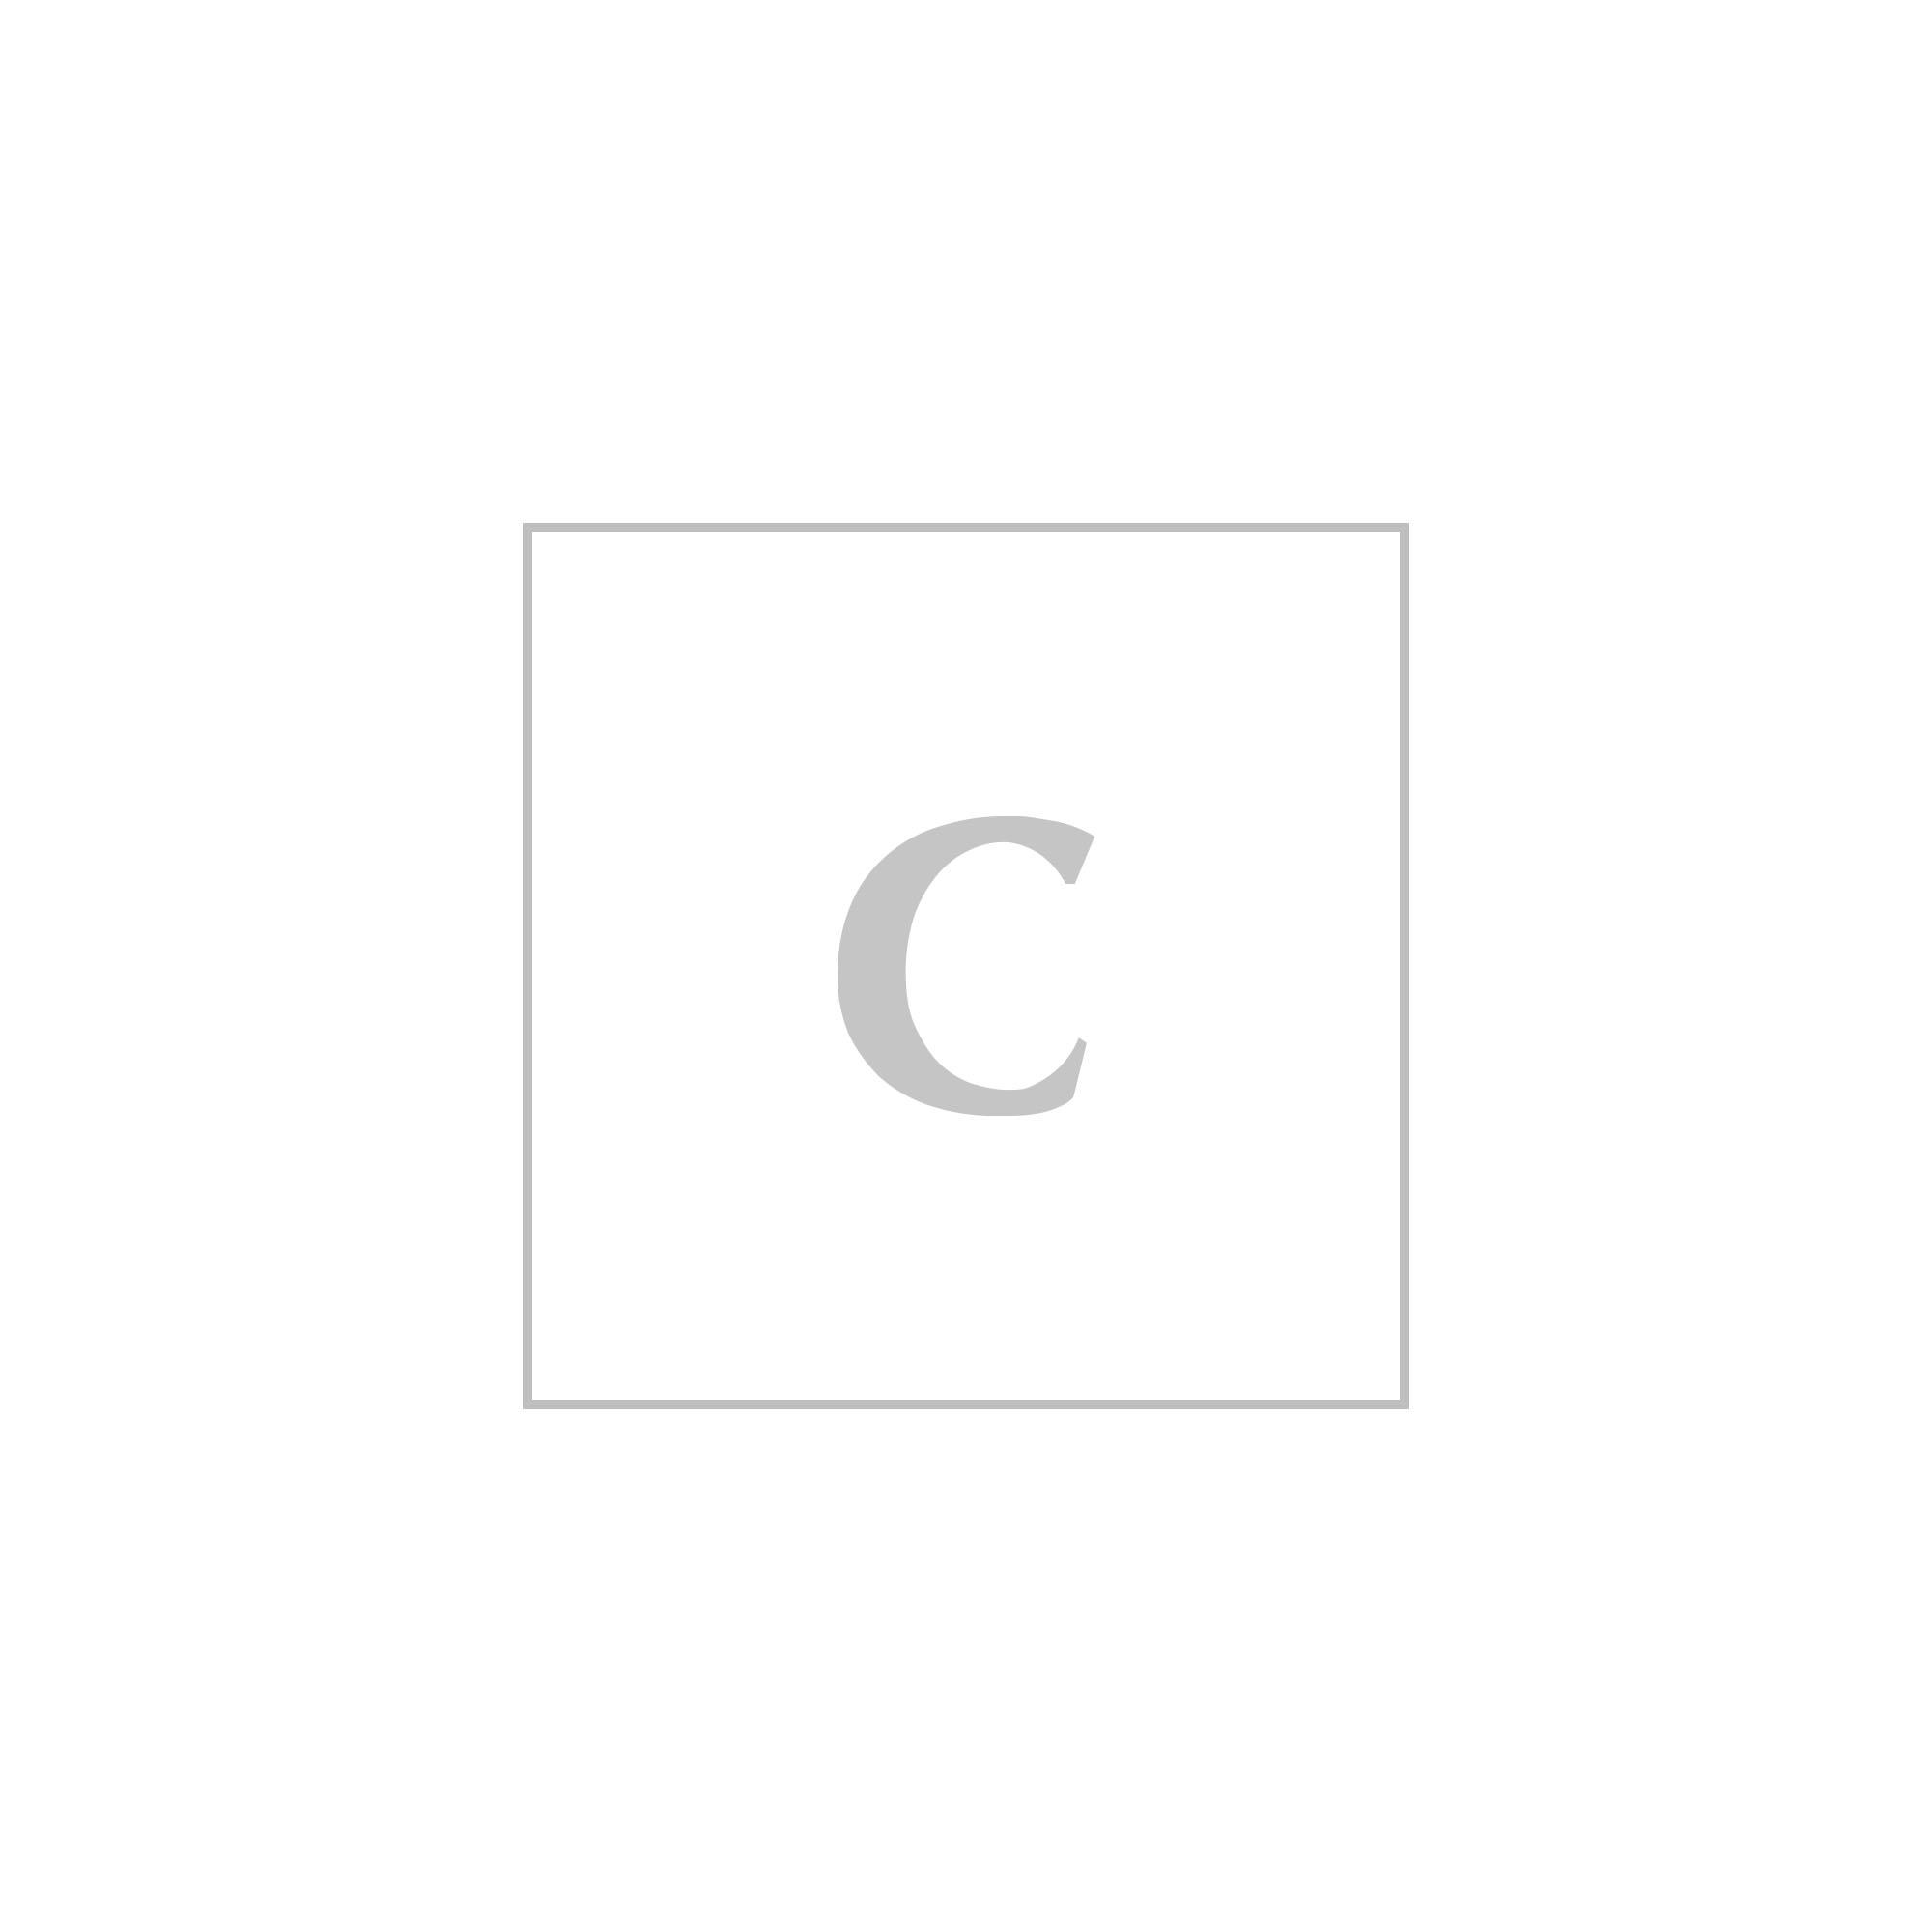 stella mccartney abbigliamento donna pullover multicolor con ricamo smile